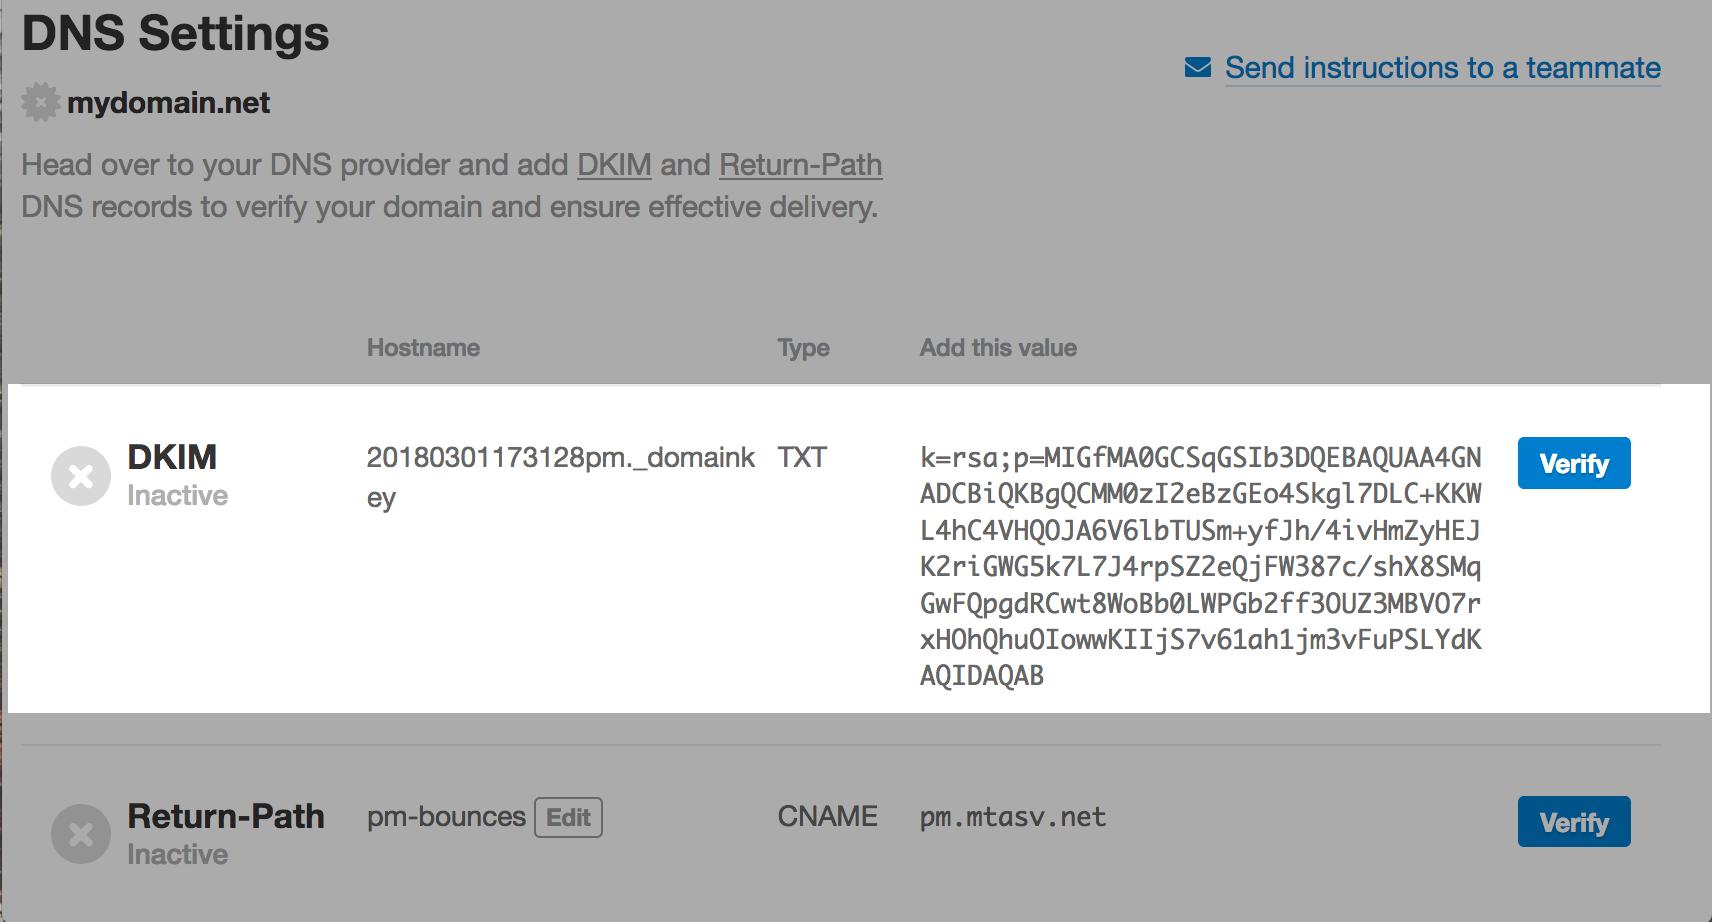 Inactive DKIM record